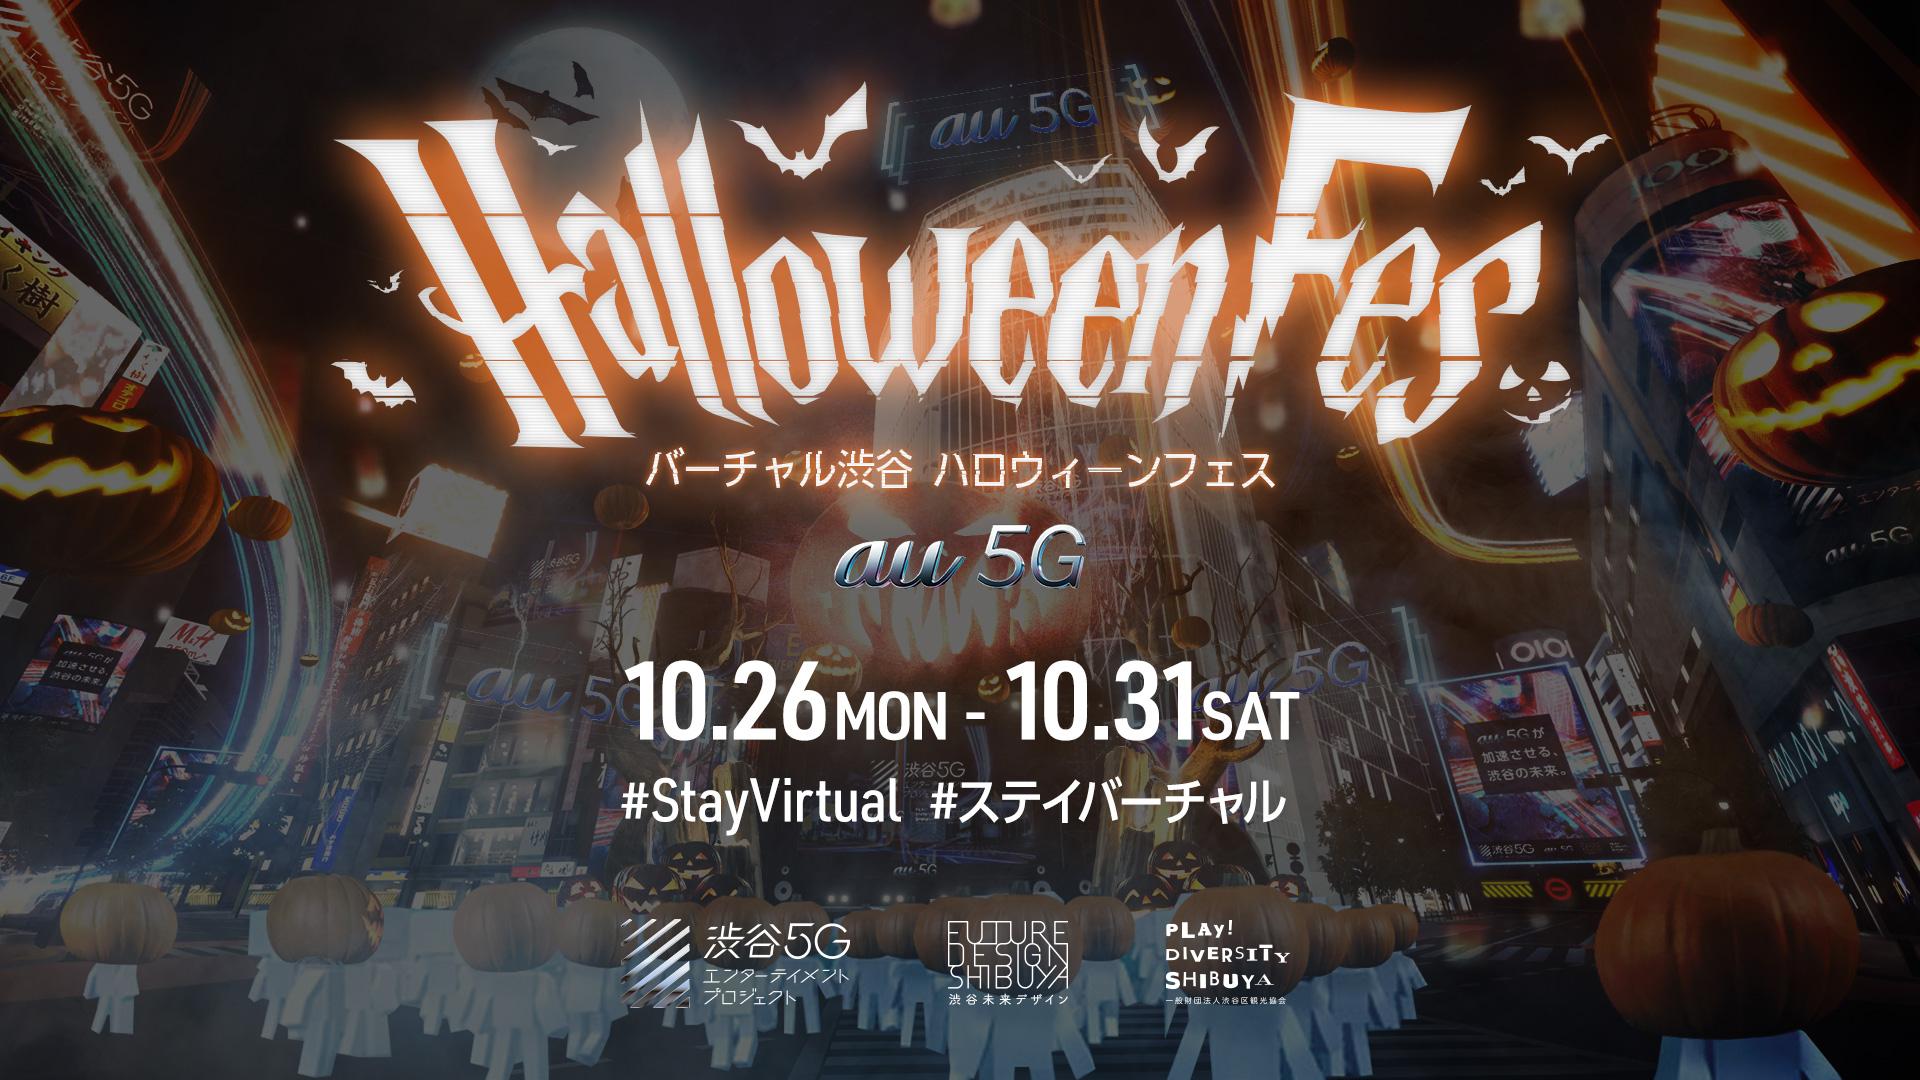 バーチャル渋谷 au 5G ハロウィーンフェス